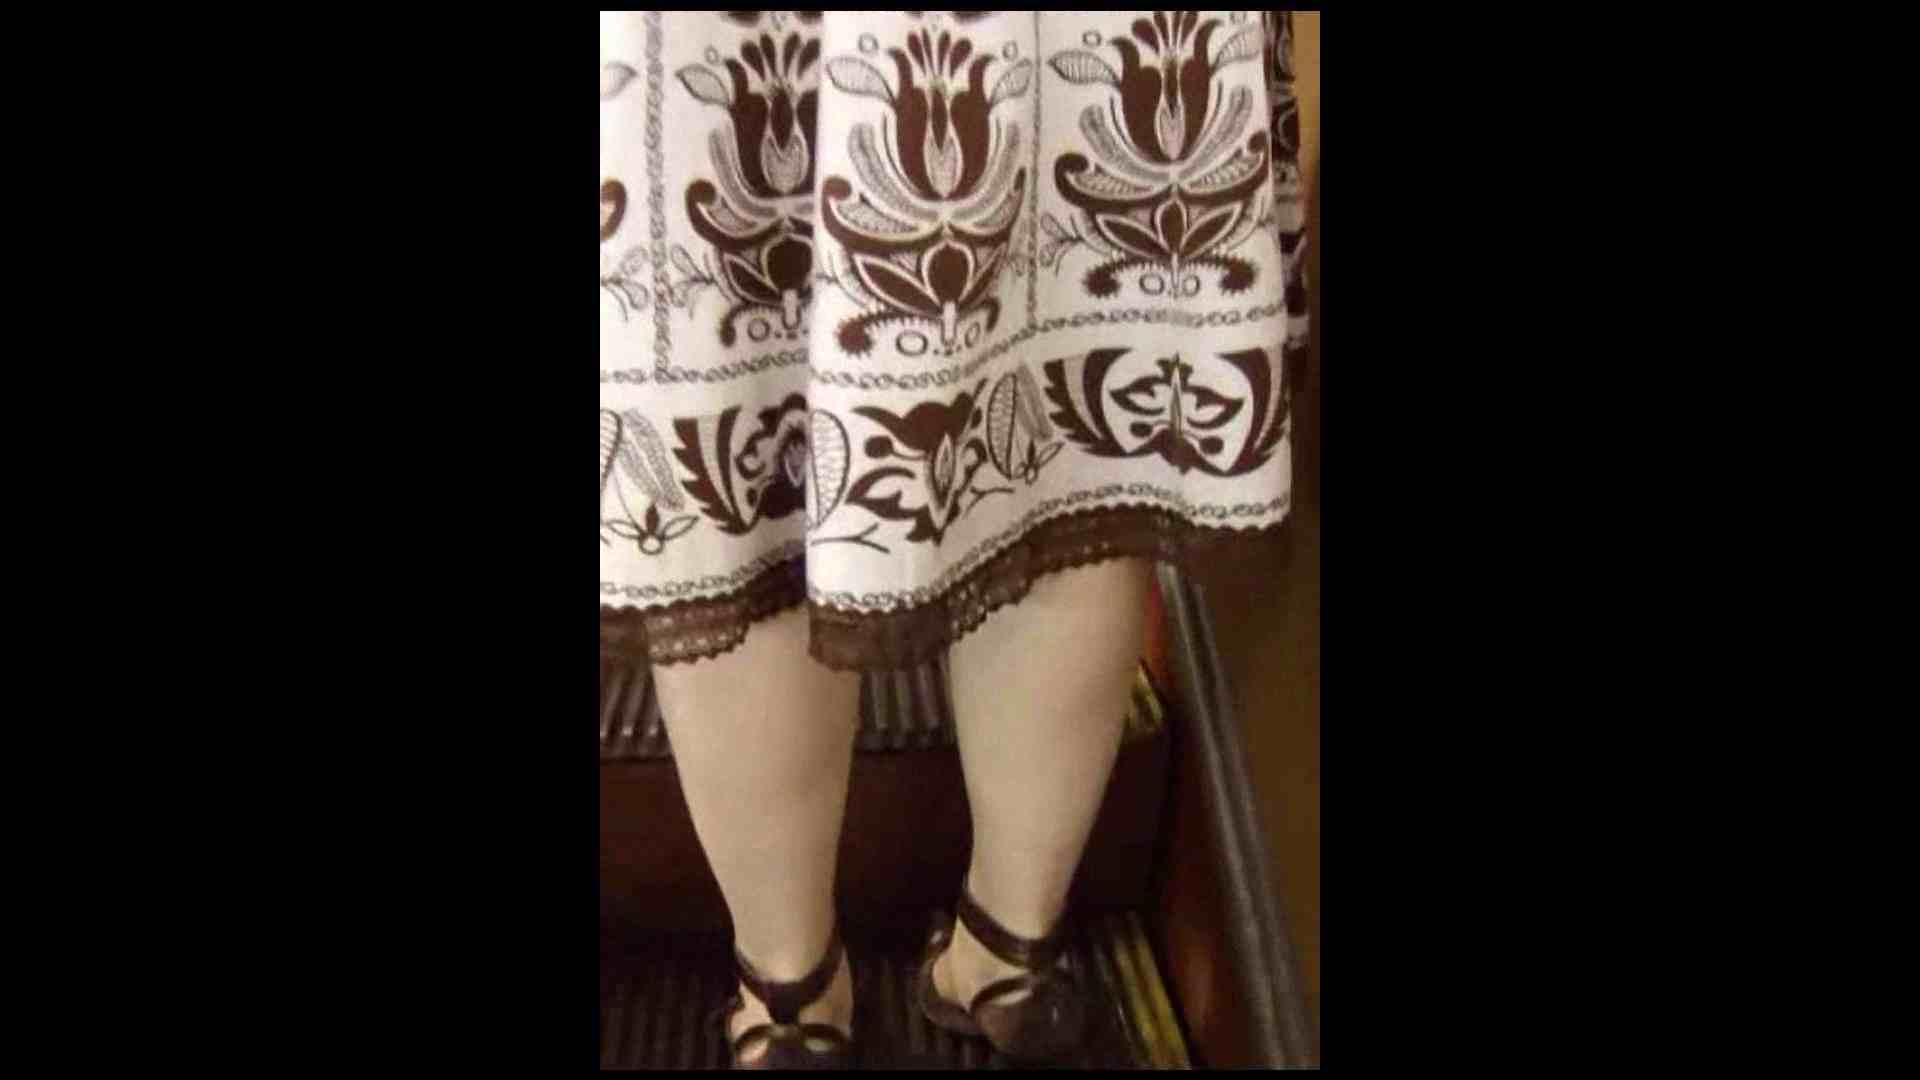 綺麗なモデルさんのスカート捲っちゃおう‼vol02 HなOL   モデルヌード  93pic 80